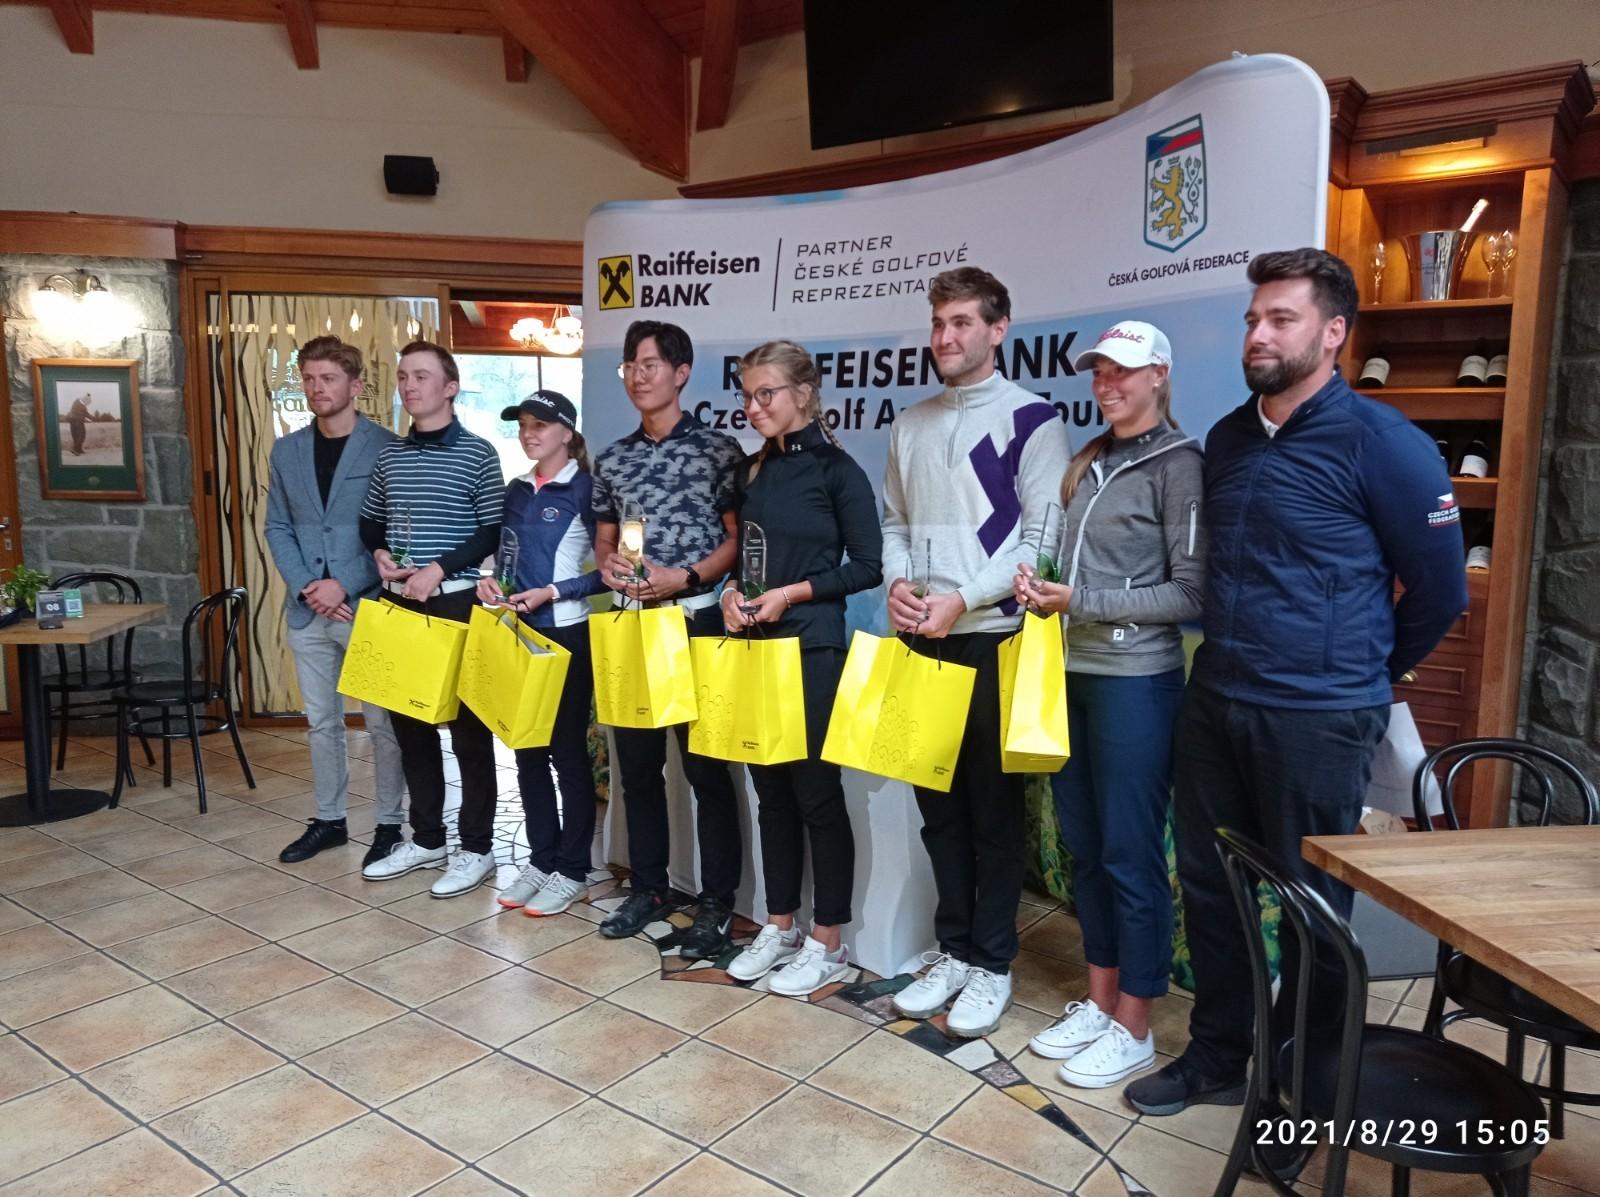 4. RB Czech Golf Amateur Tour